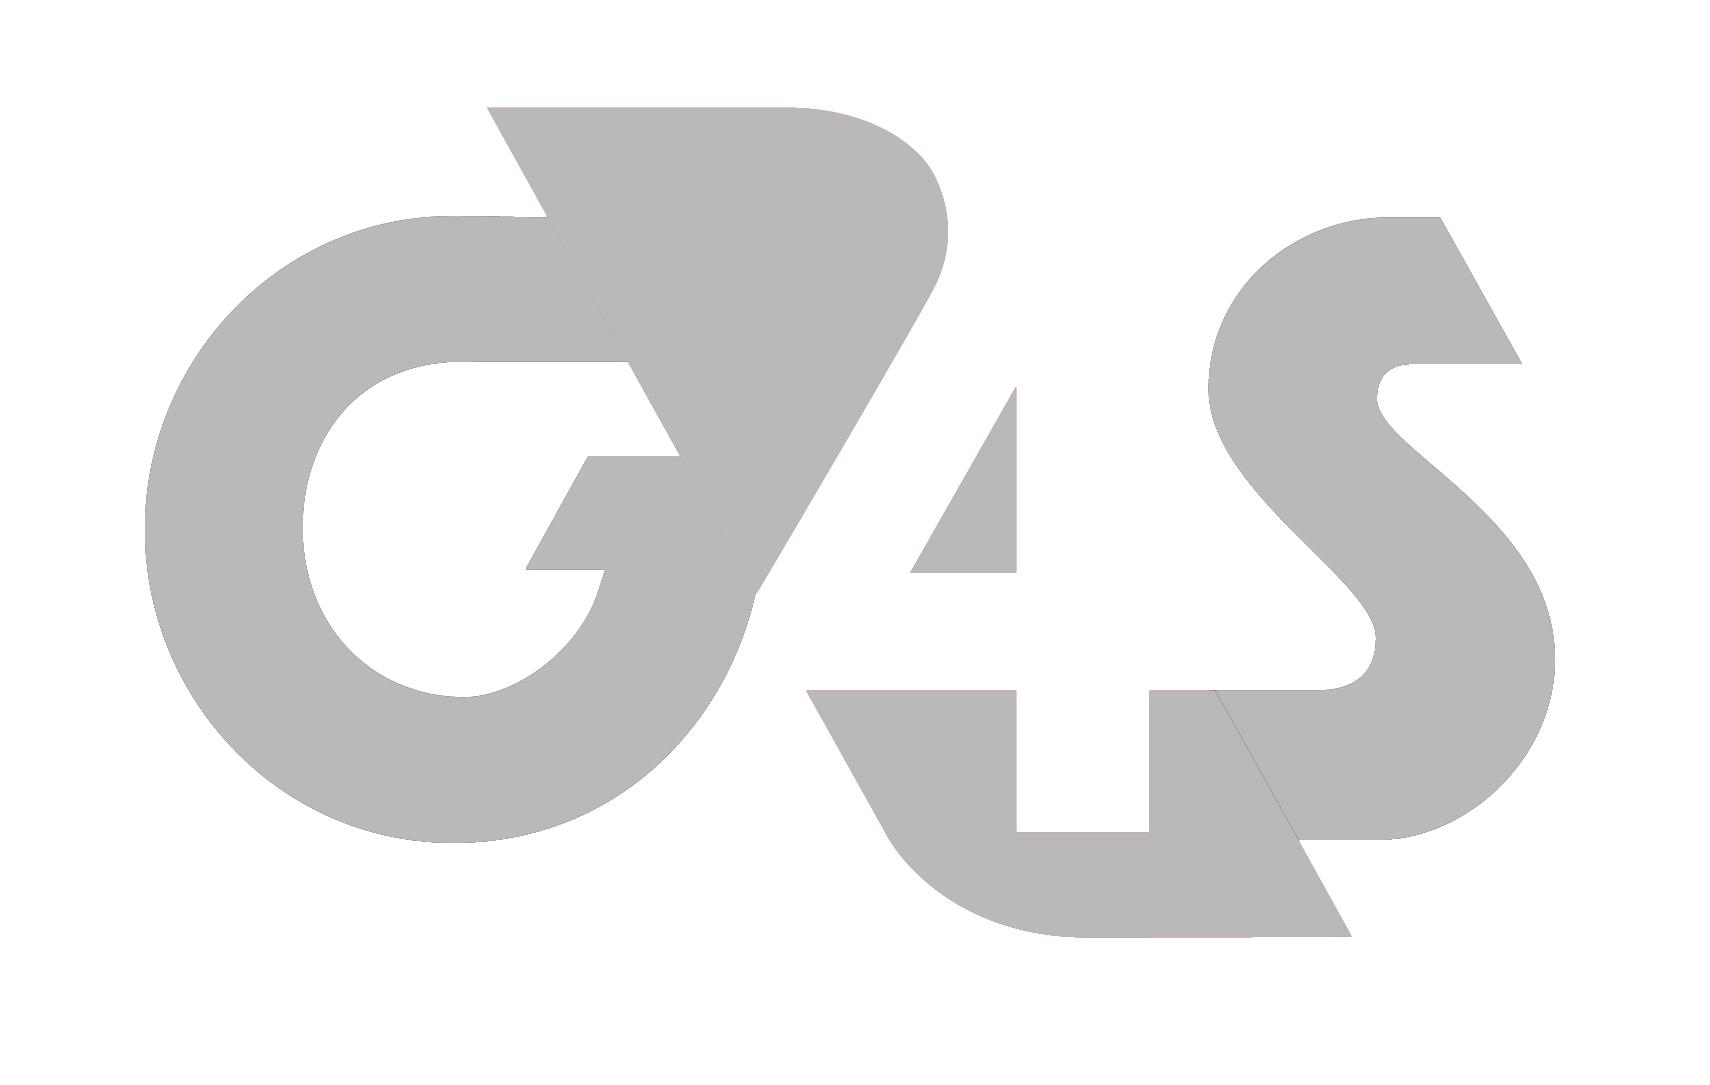 G4S uses KeyBox key management